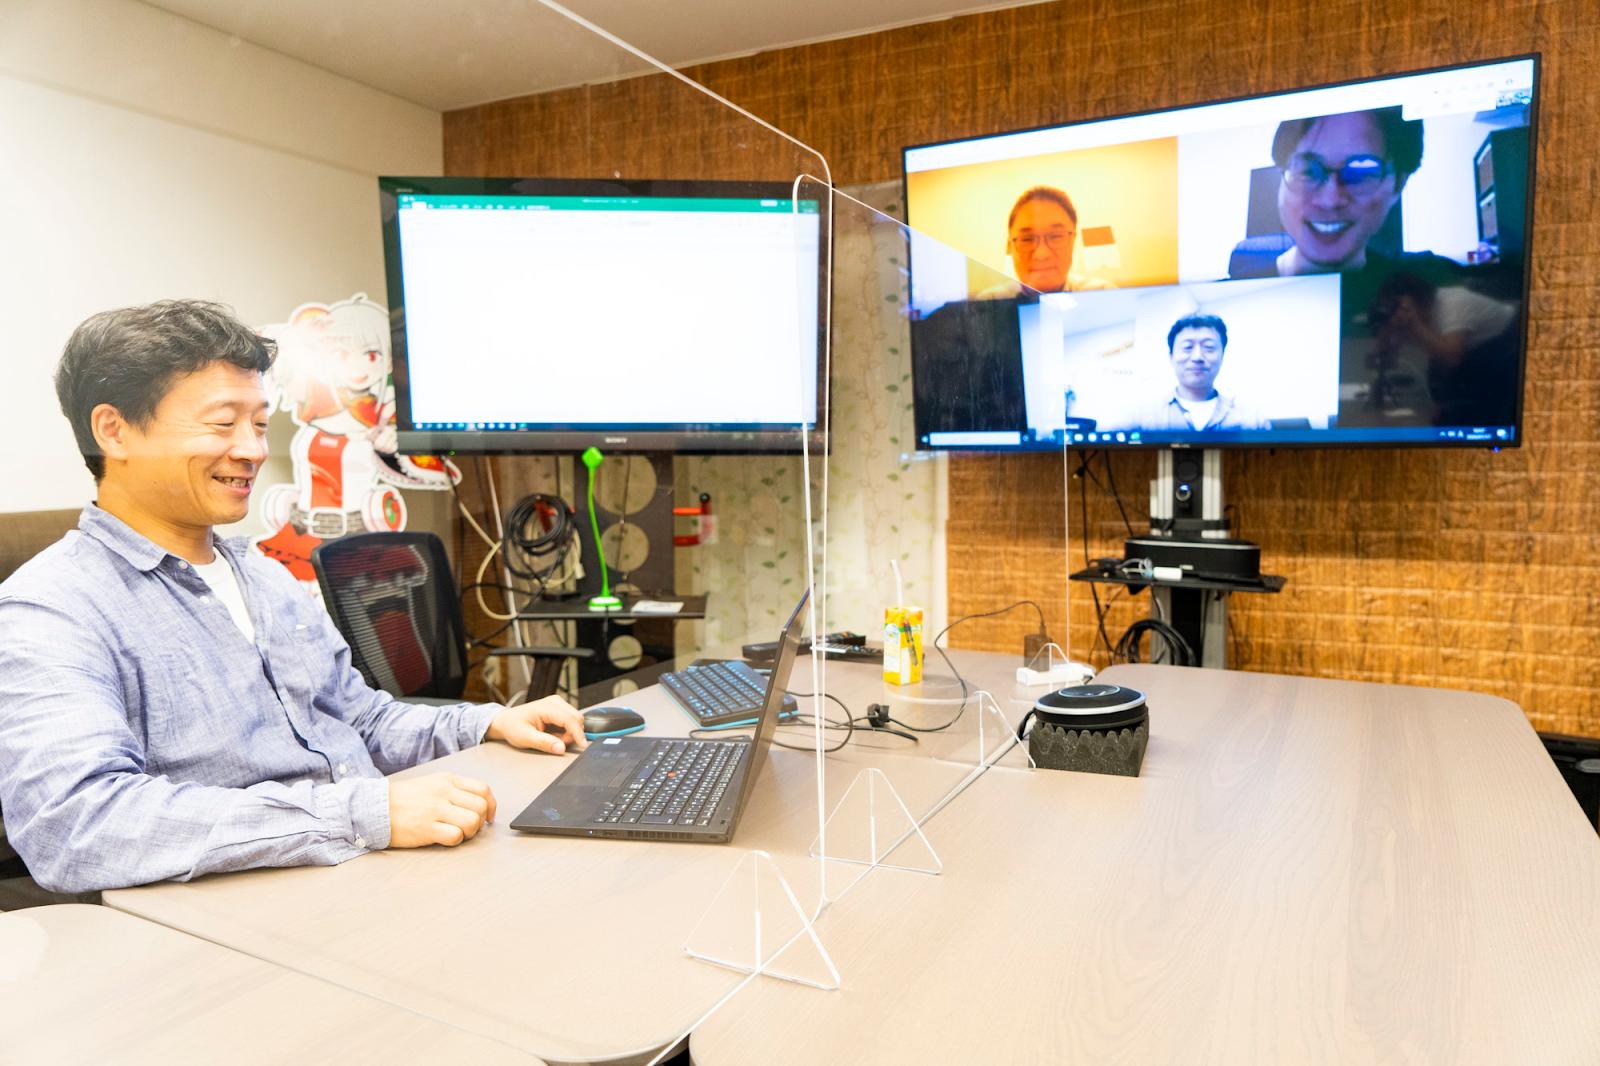 机の上のノートパソコンを見ている男性自動的に生成された説明